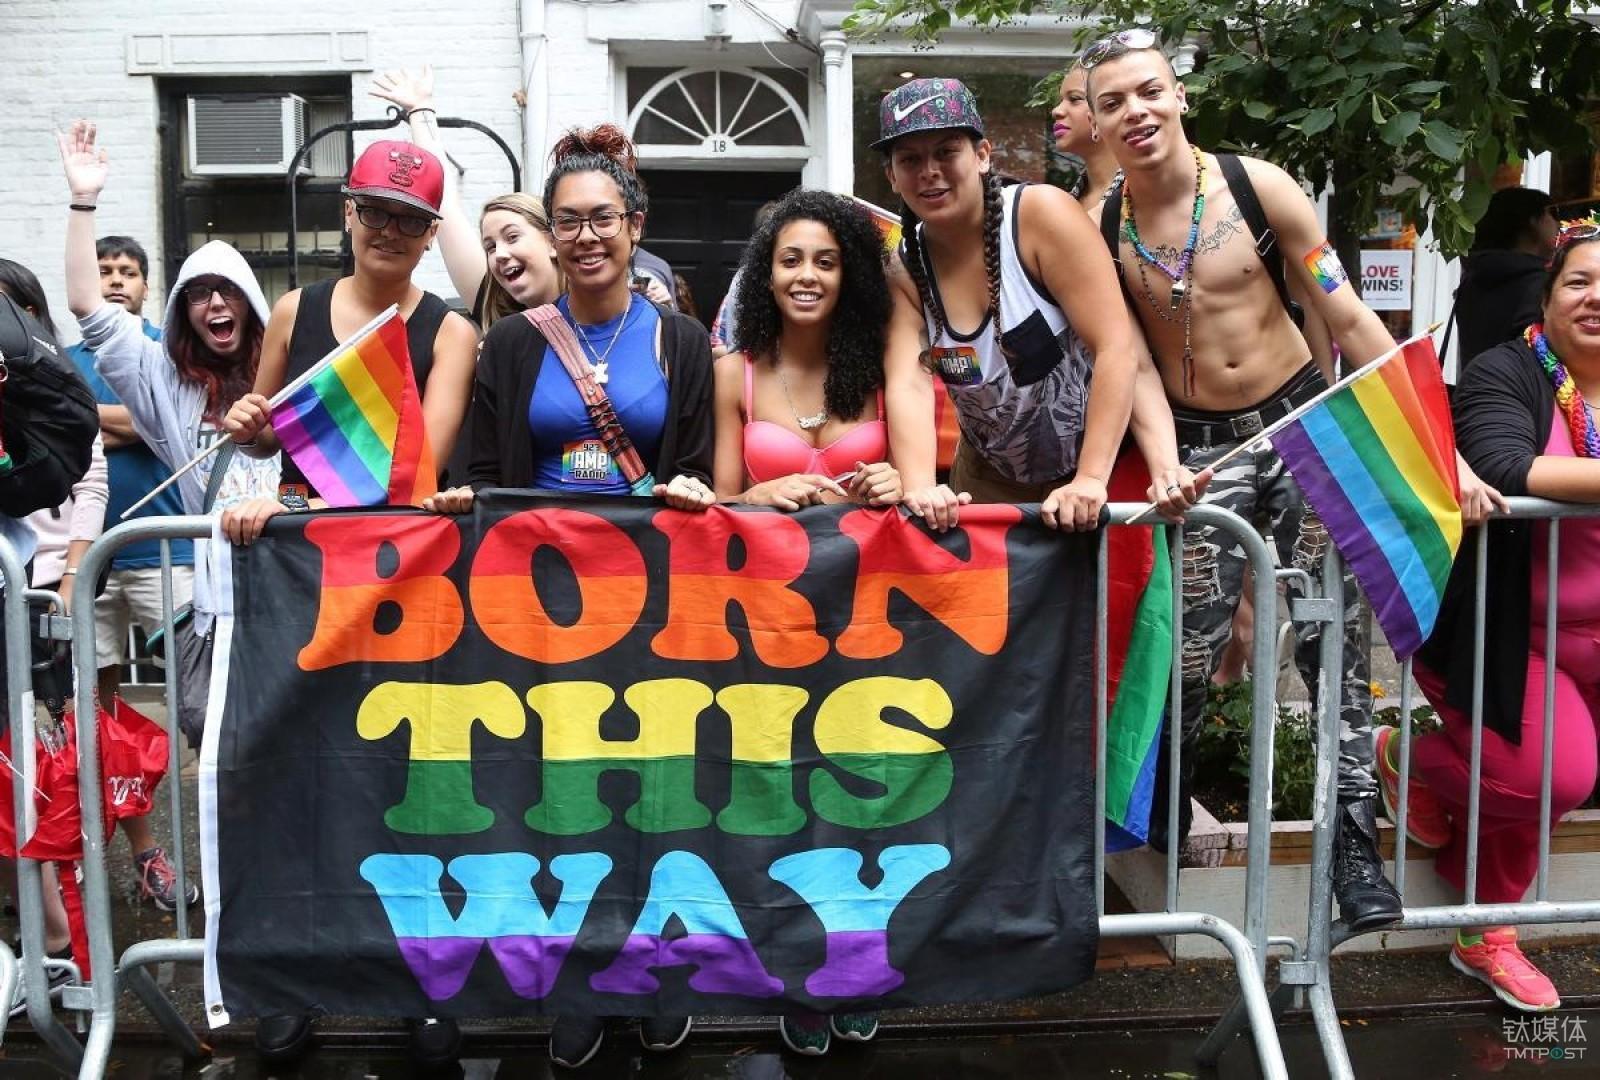 """纽约同性恋游行参与者拉着""""生而如此""""的横幅。图片来源/http://assets.nydailynews.com"""